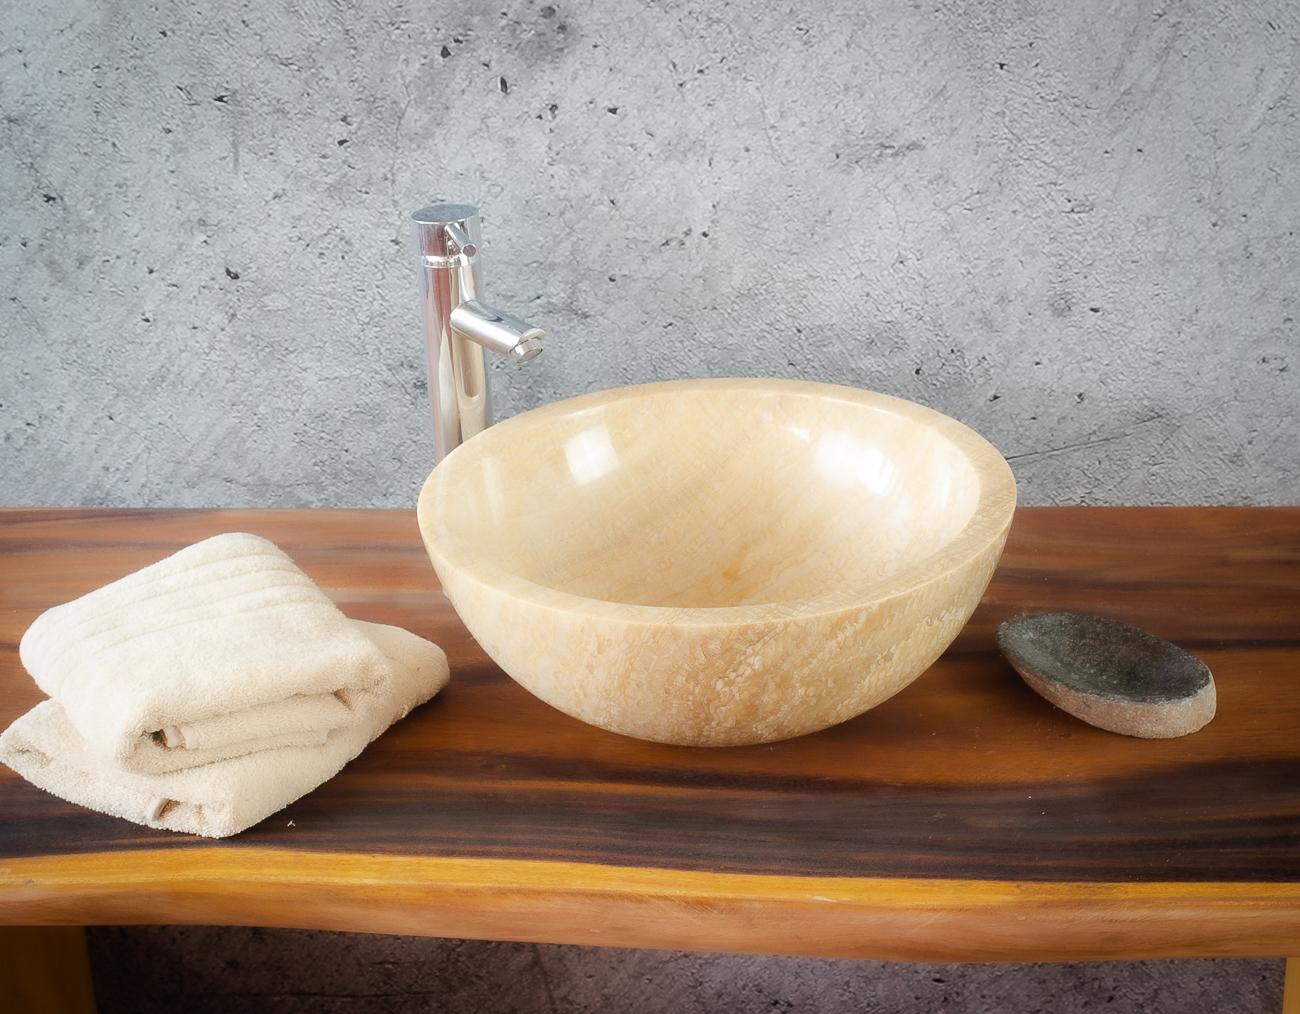 Lavabo de ónyx tipo cuenco redondo (Imágenes reales) 40x40cm piezas únicas | mirococo.com